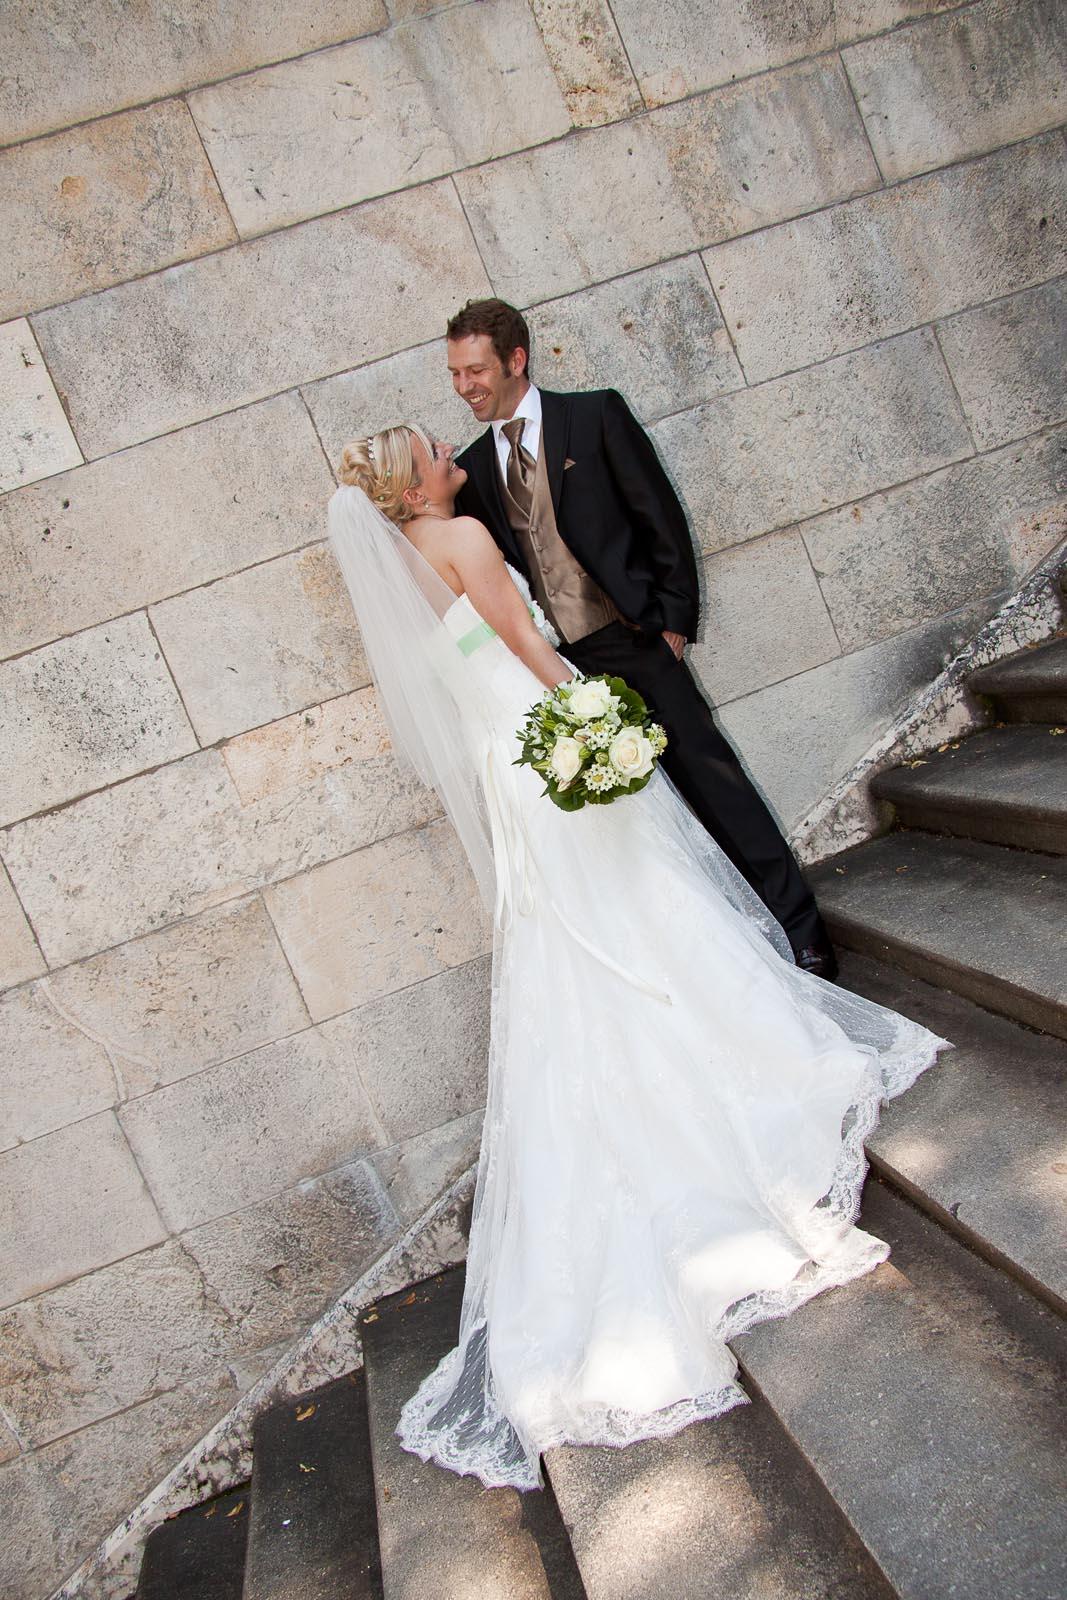 Hochzeitsportraits-Bindl-Hochzeitsportraits-Bindl-8347.jpg